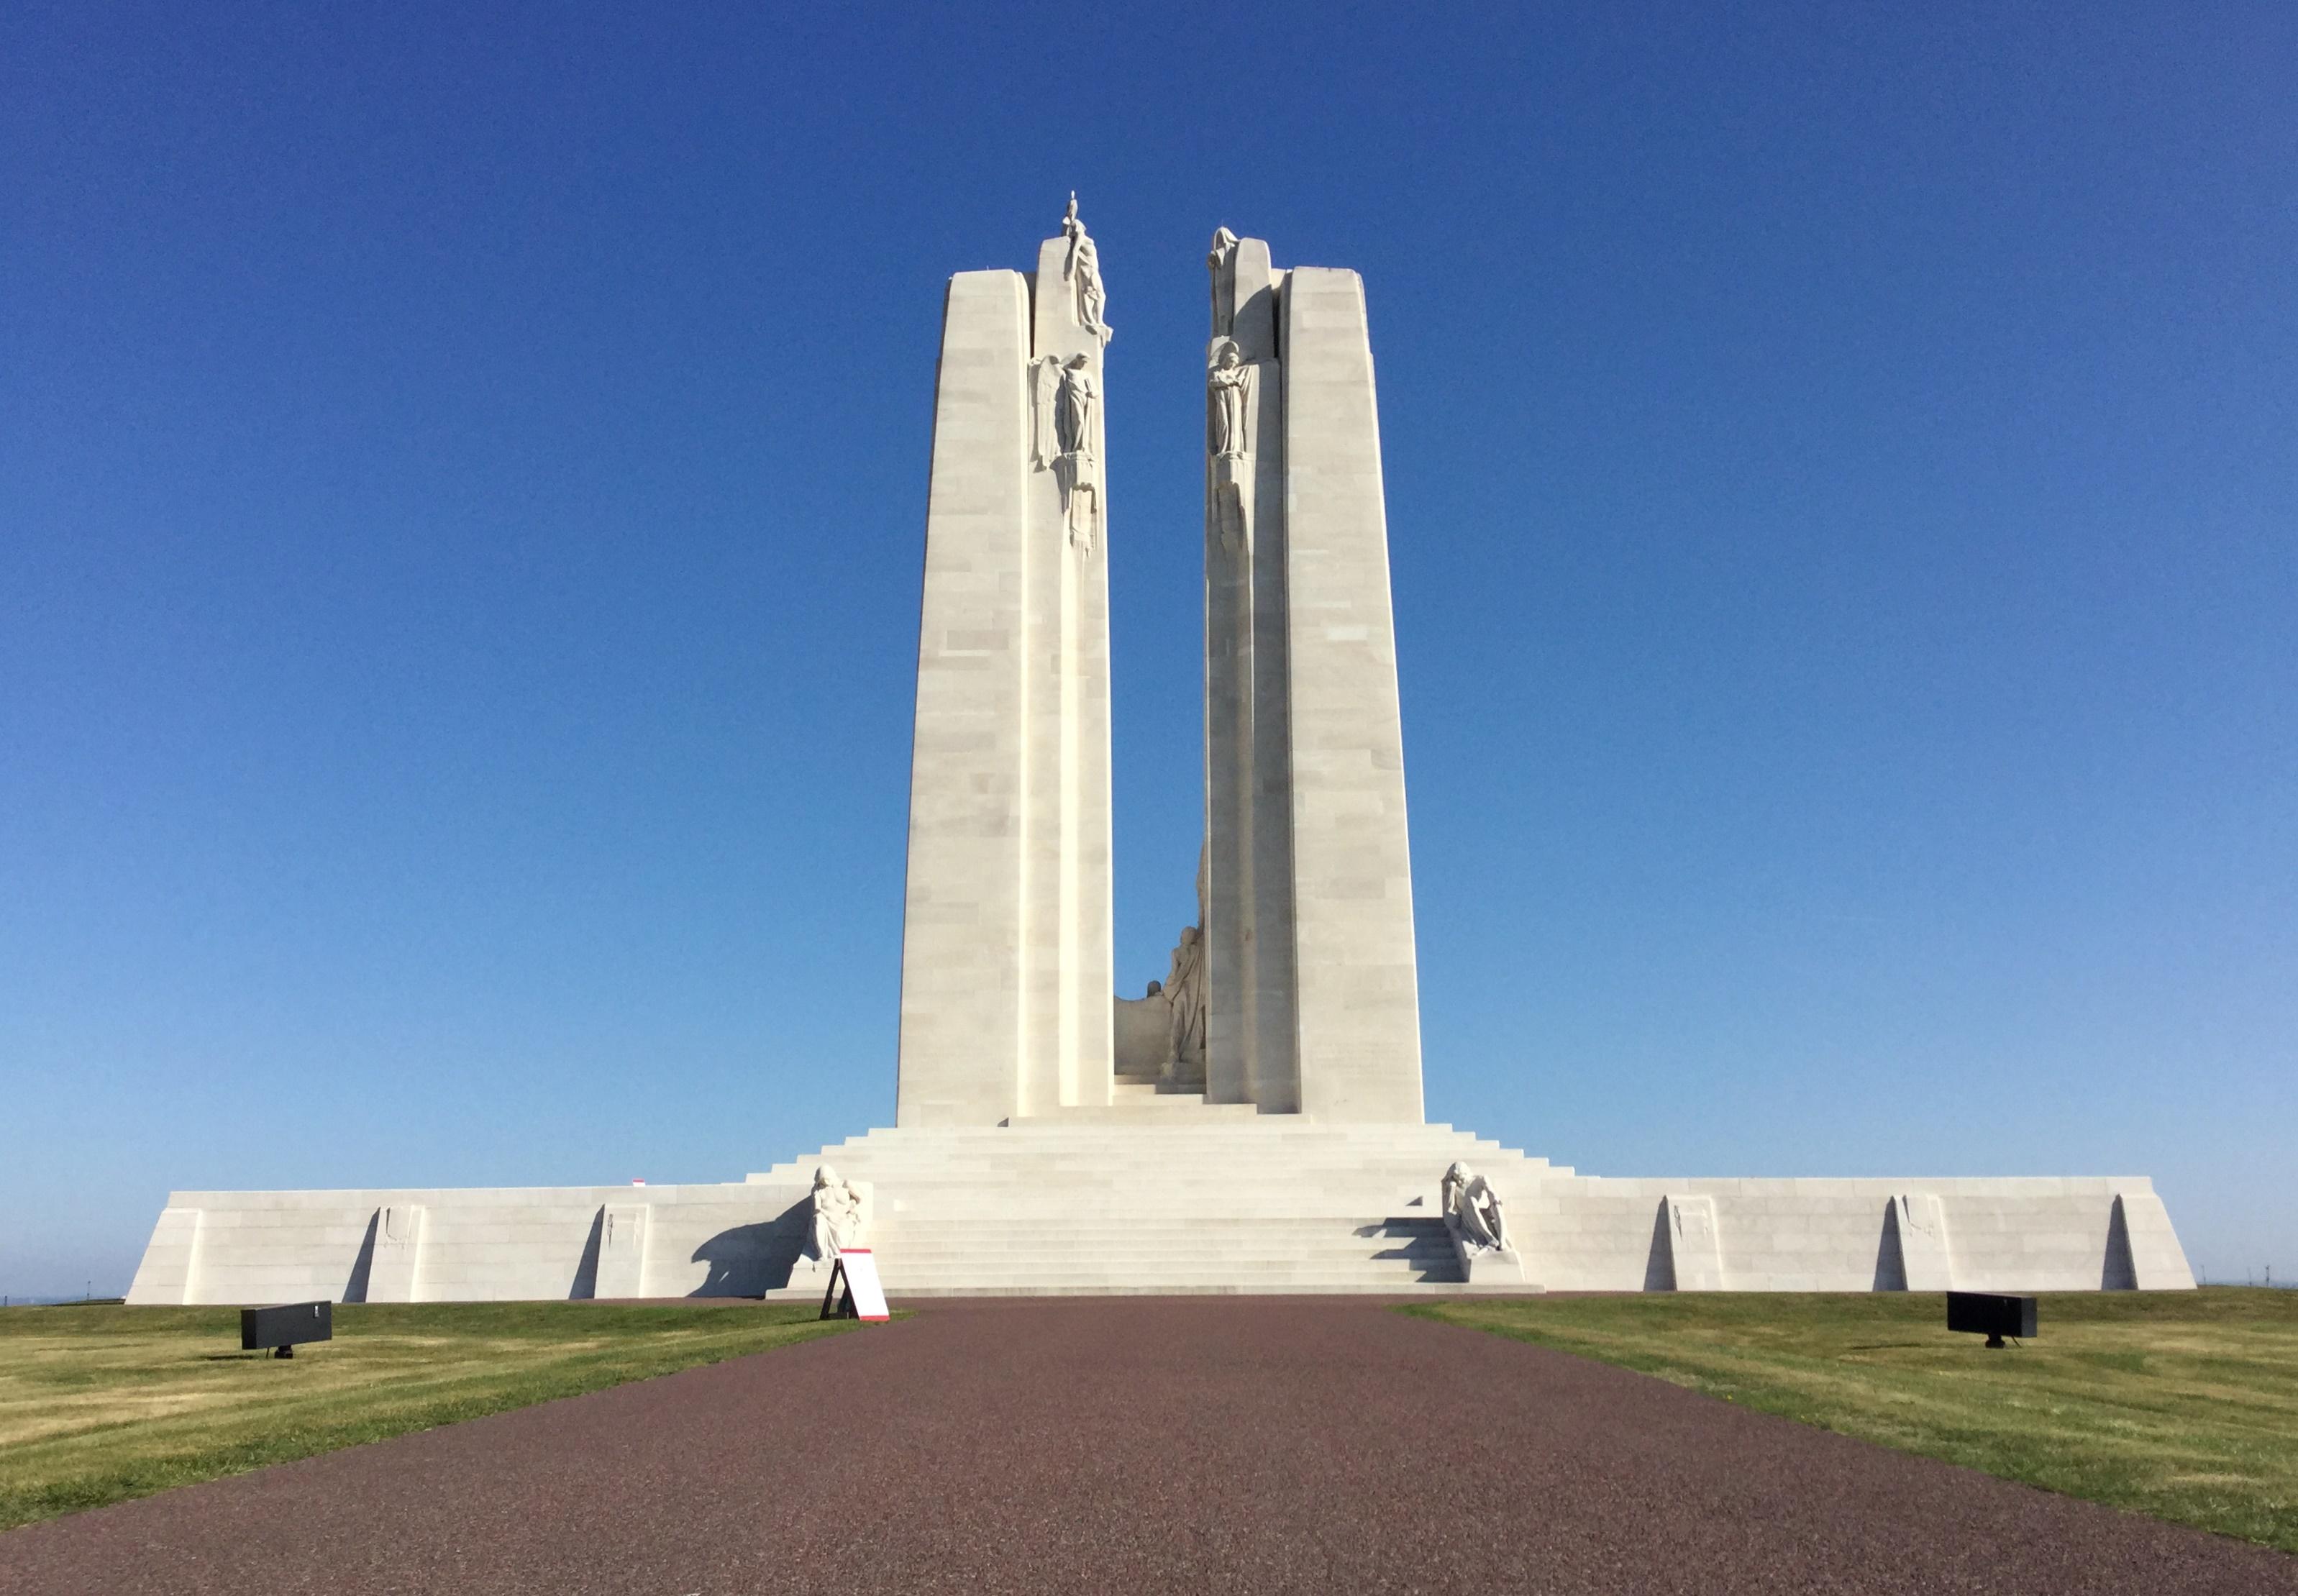 10 septembre - 28 septembre 2018 - Fort Ostell Museum – Exposition Temporaire « De Vimy à Juno: Mémoires des canadiens en France »